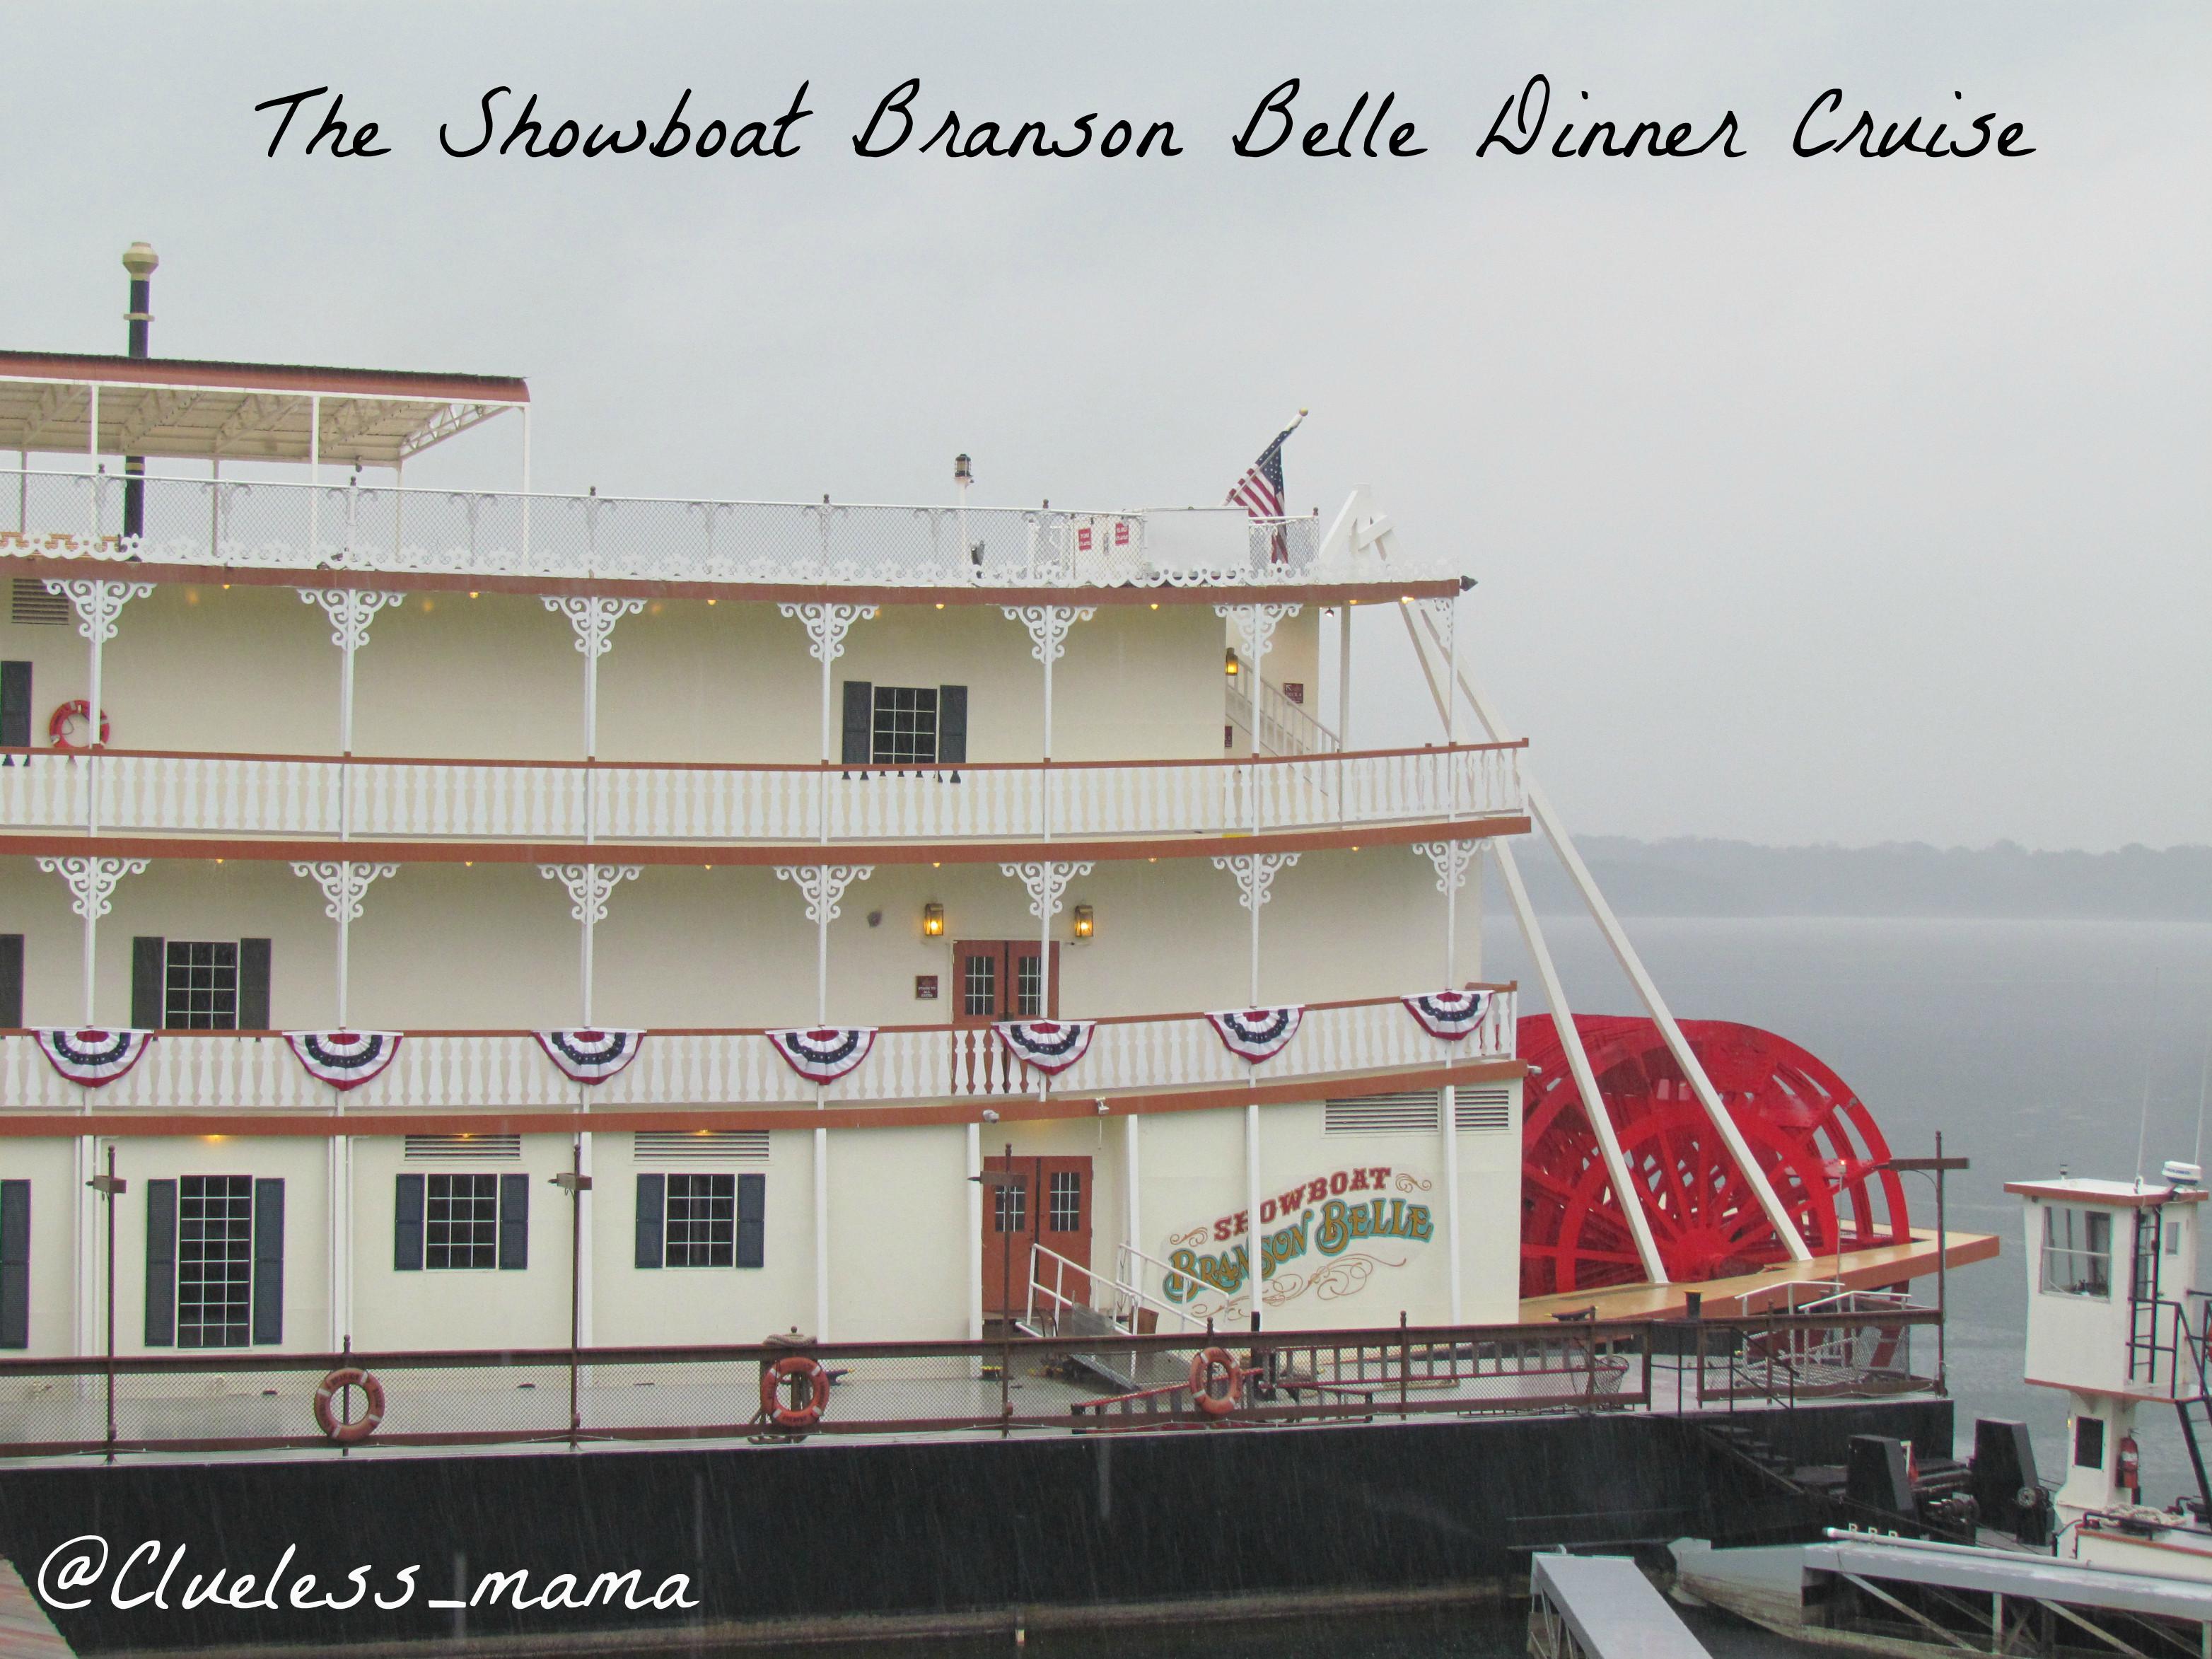 Branson Dinner Cruise  Showboat Branson Belle Dinner Cruise Review ExploreBranson